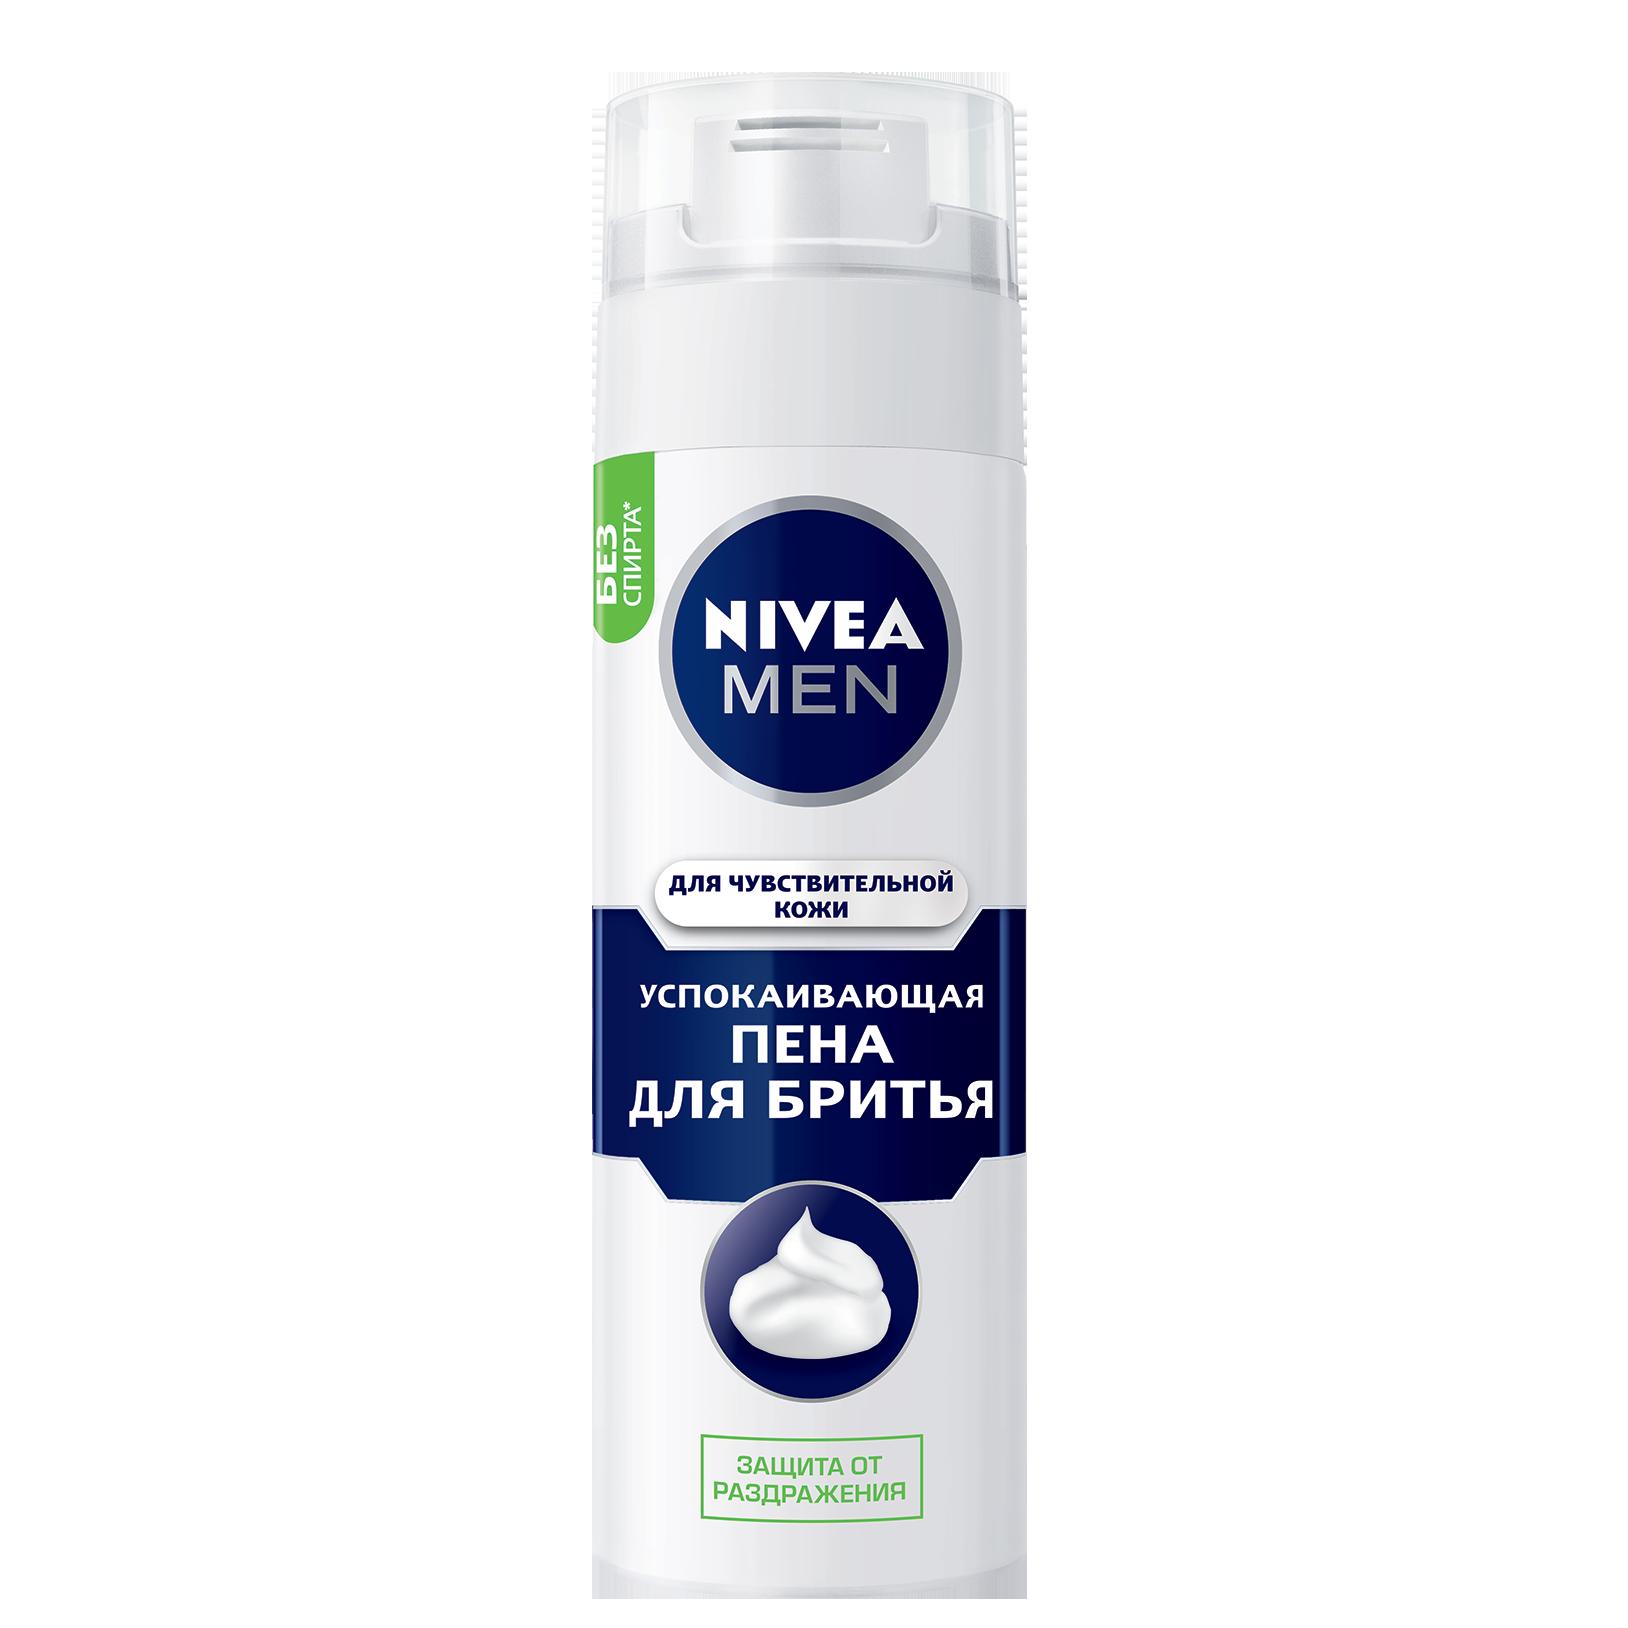 Пена для бритья NIVEA для чувствительной кожи